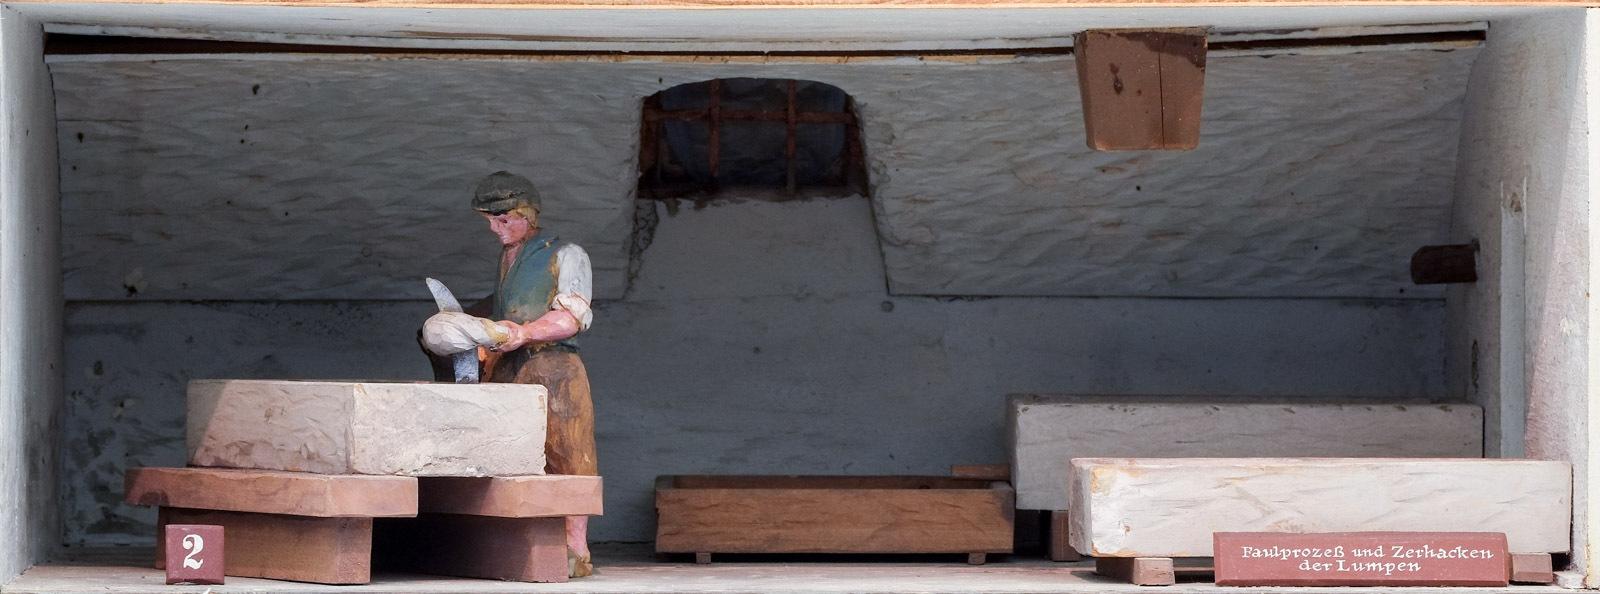 Papiermühle: Faulprozess und Zerhacken der Lumpen